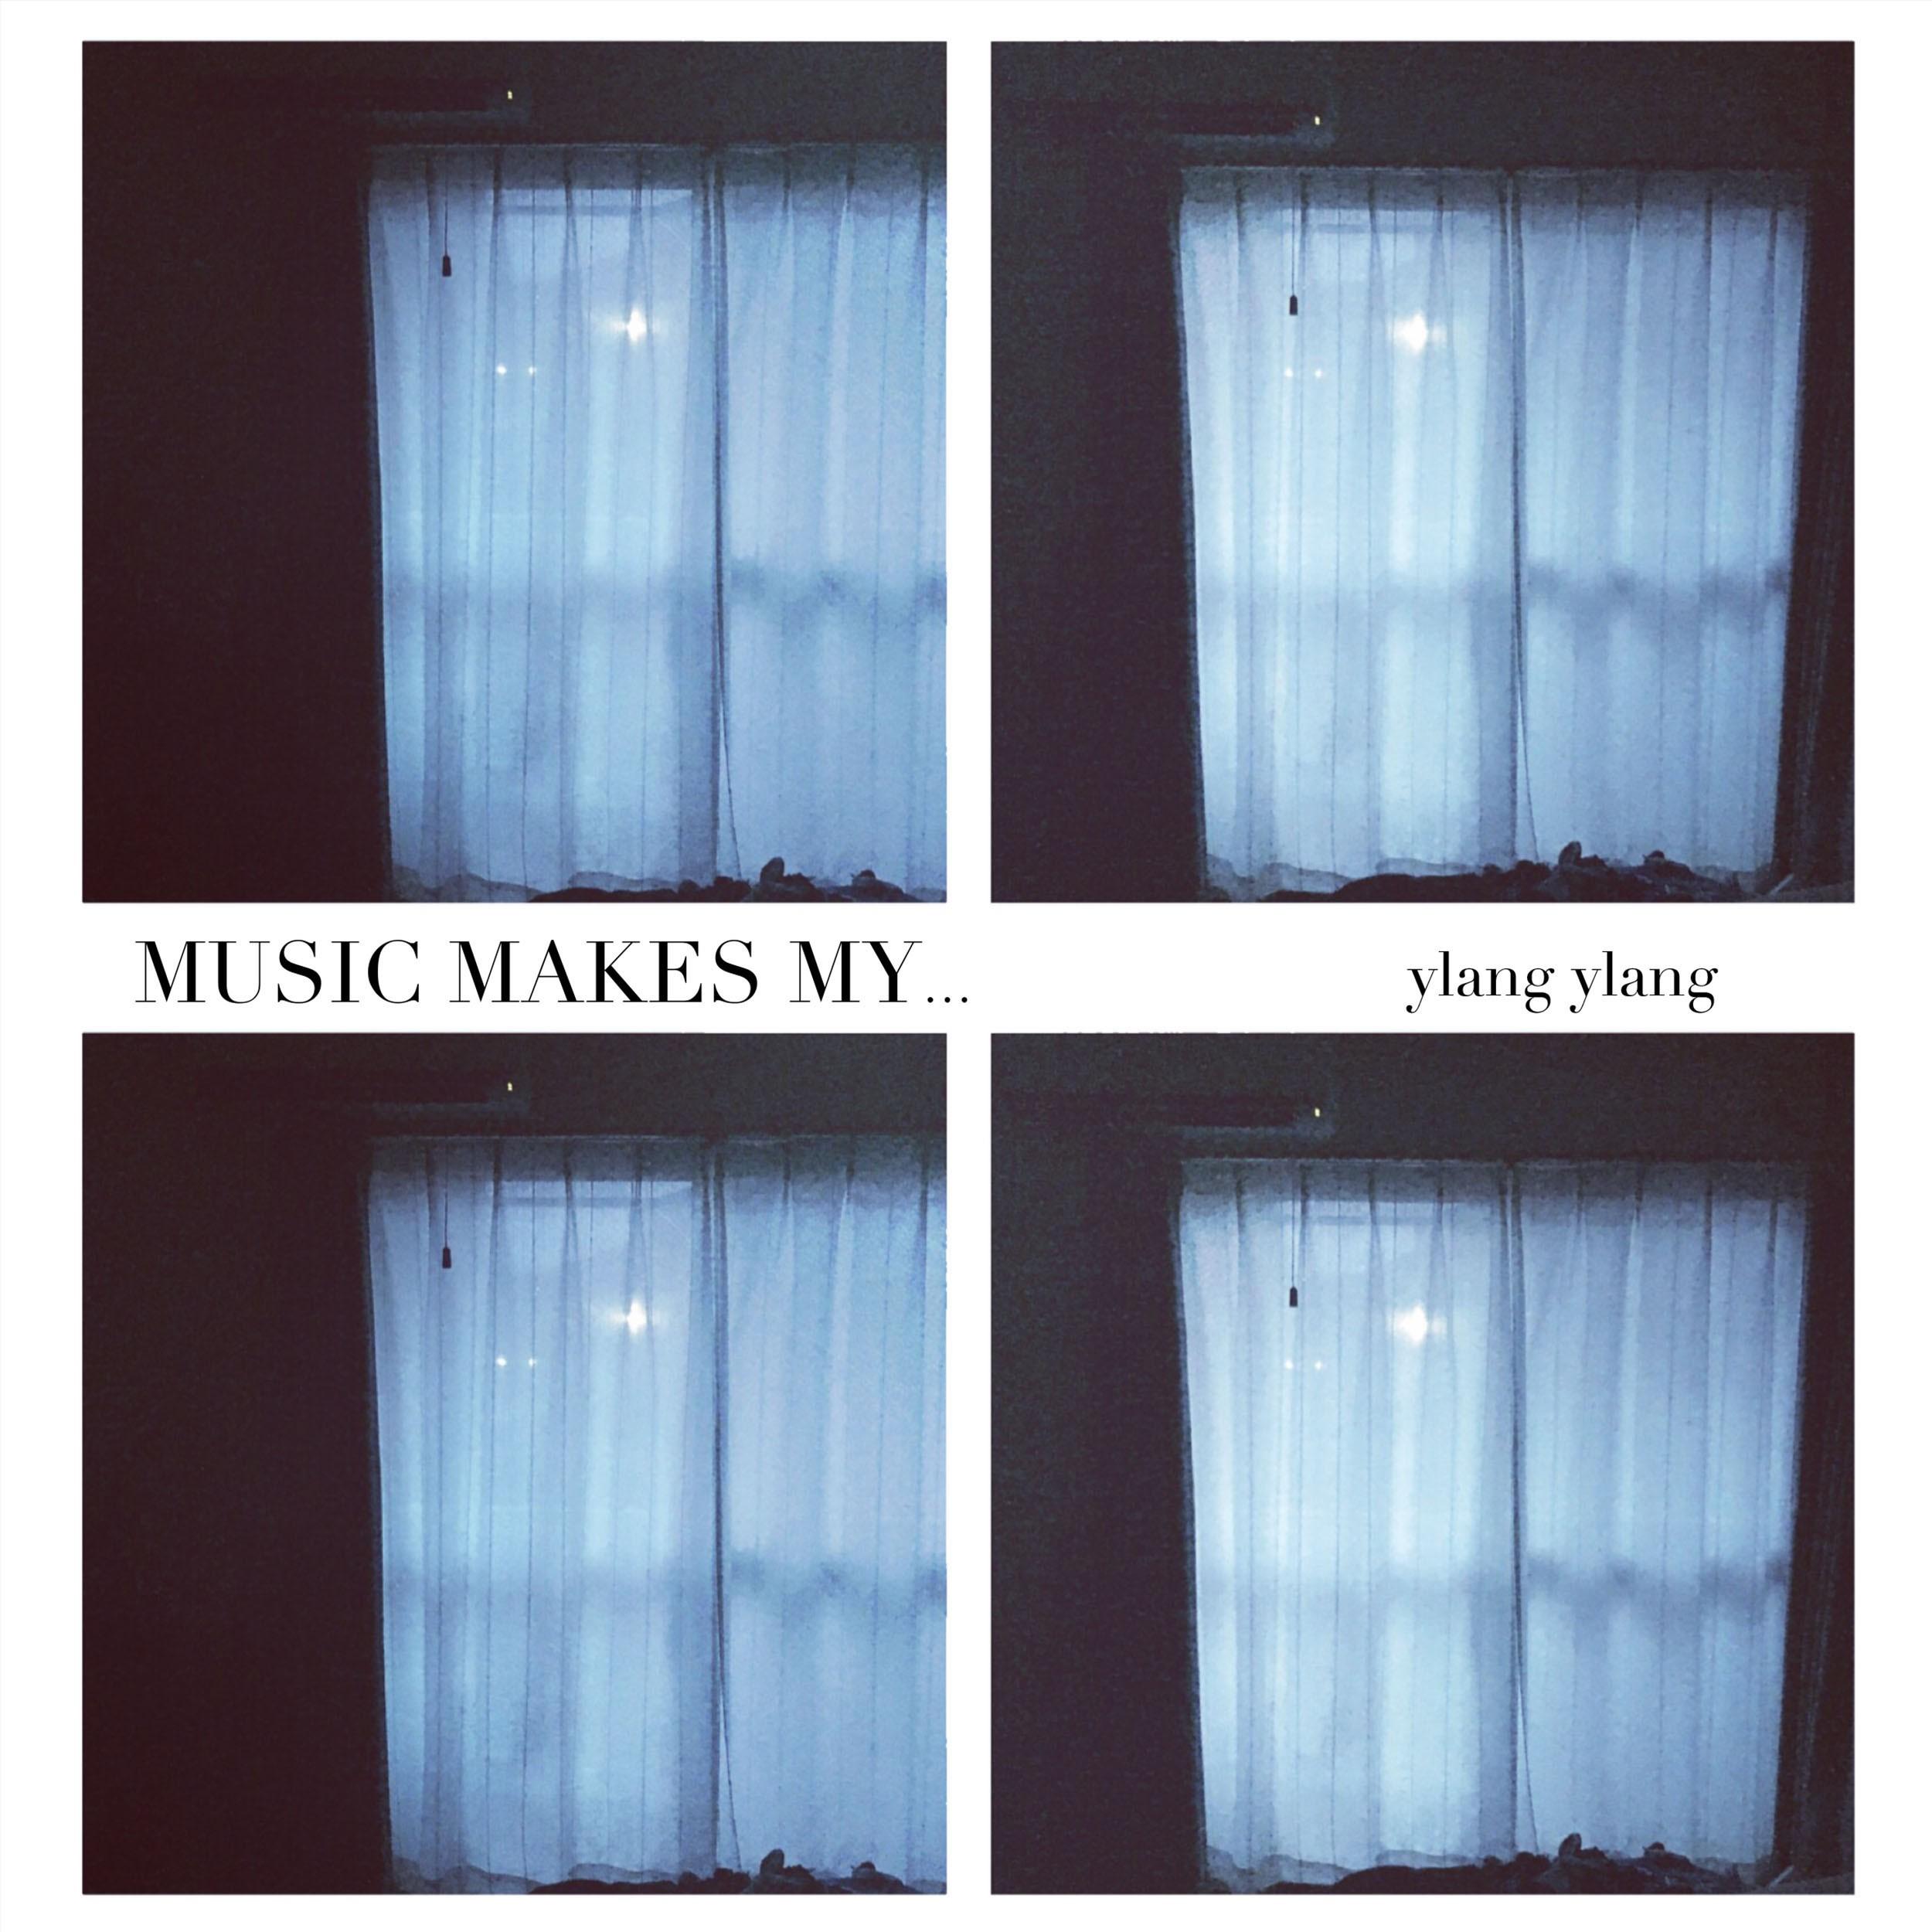 Image of MUSIC MAKES MY… / ylang ylang